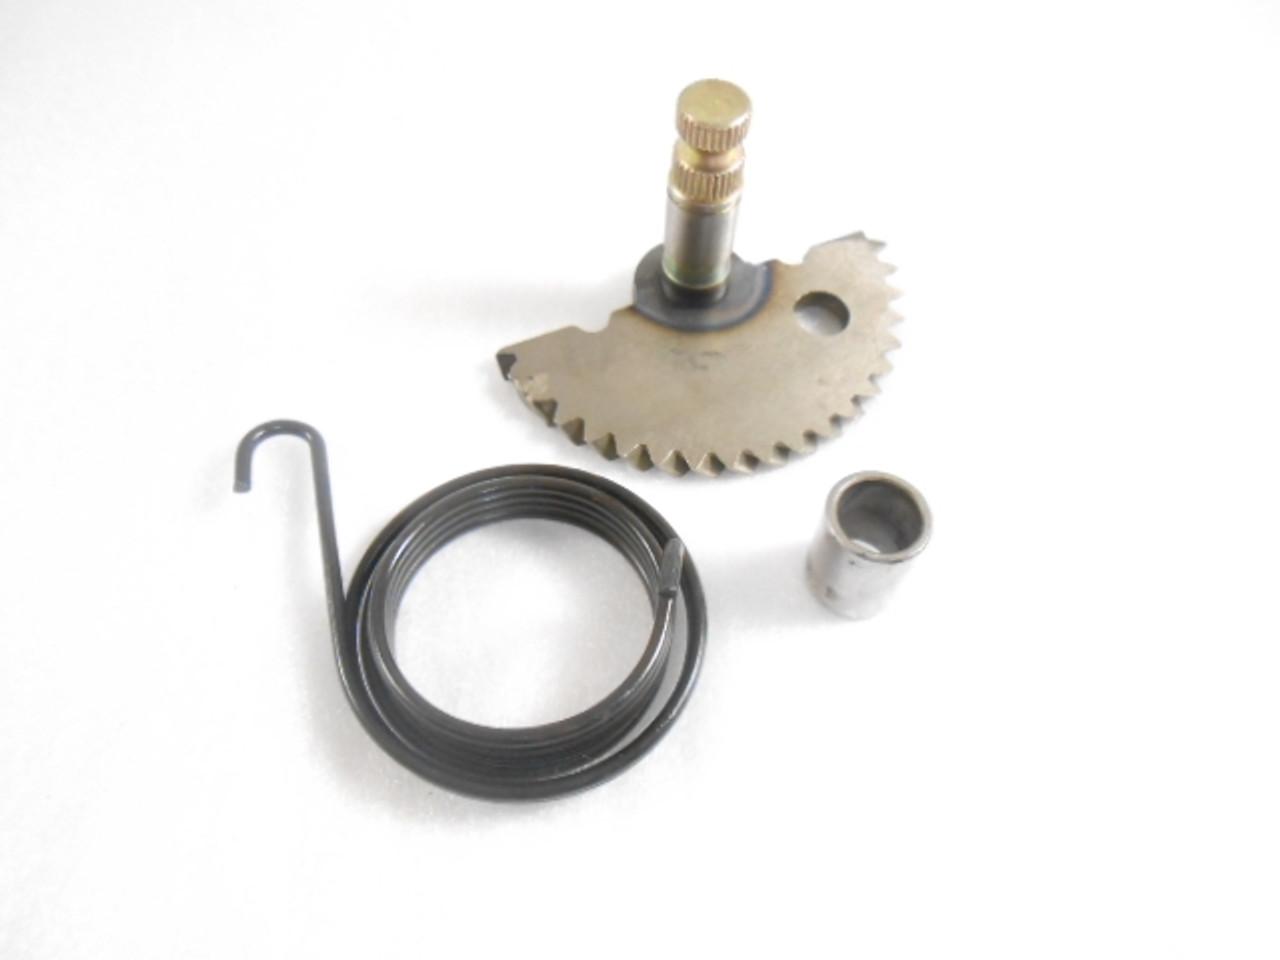 KICK START SHAFT GEAR 11059-A59-15